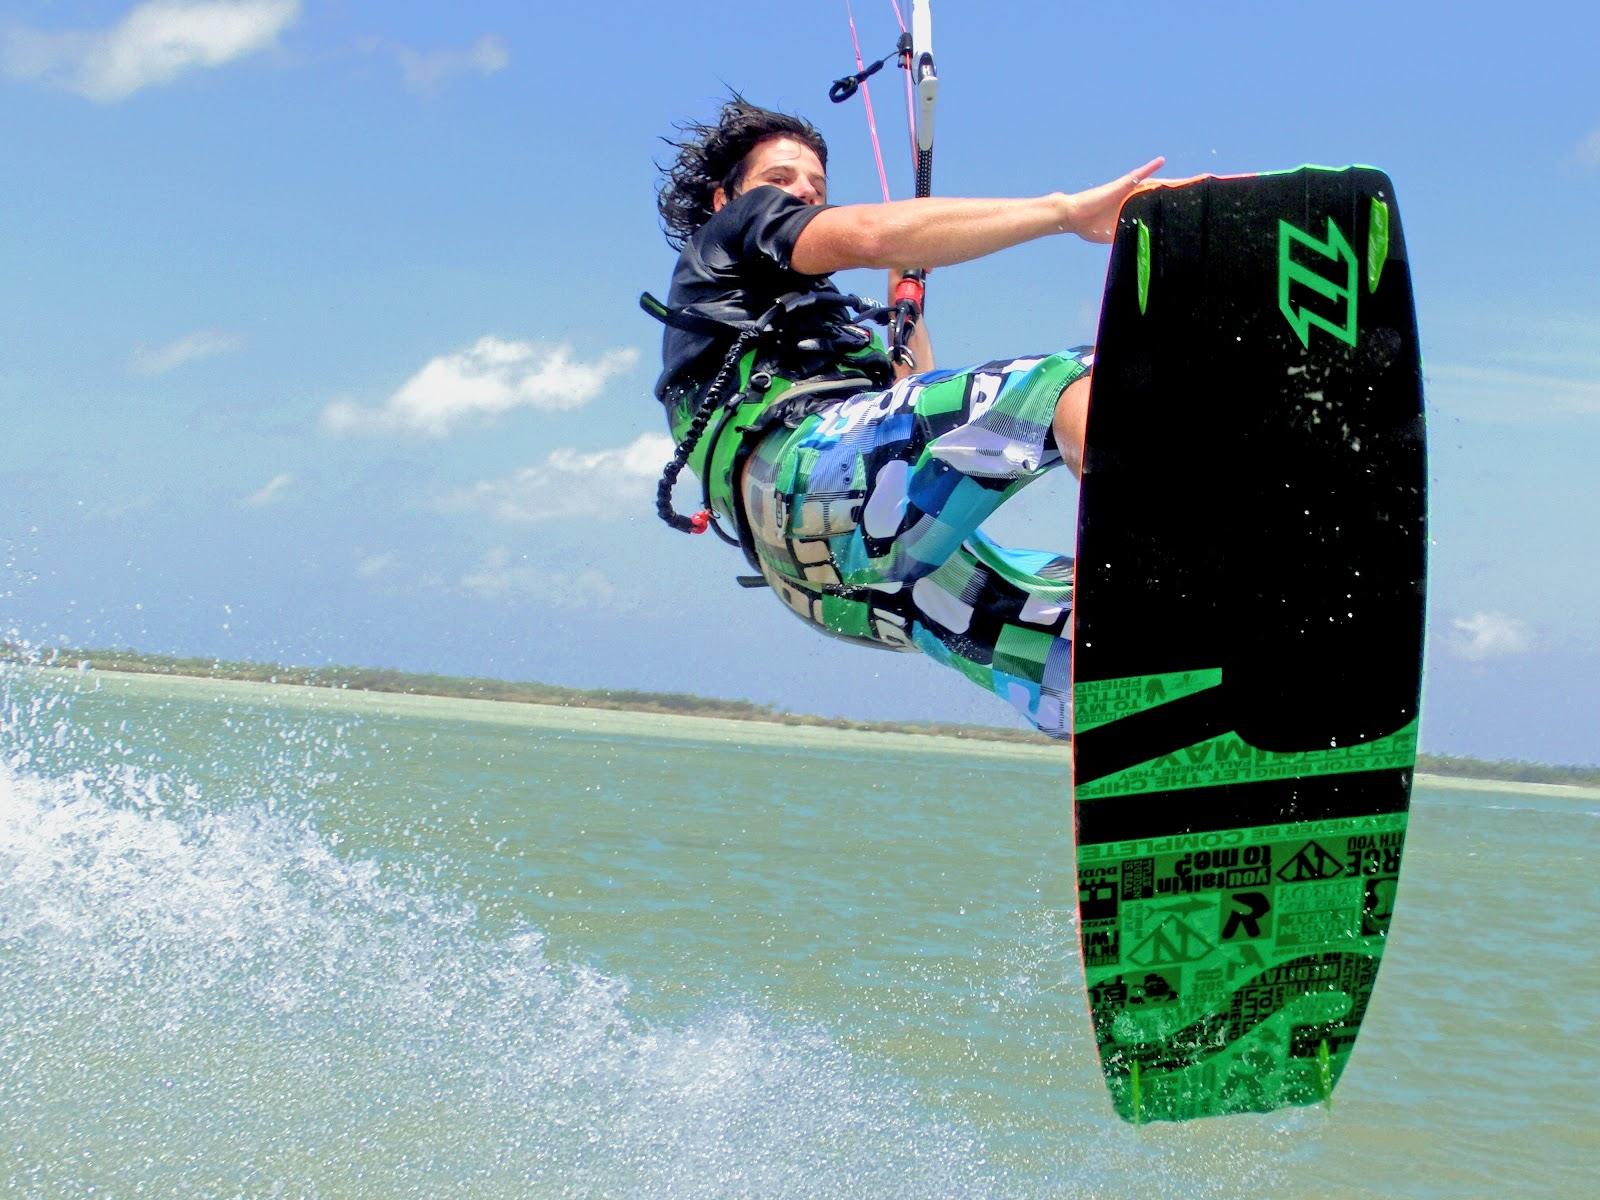 best kitesurfing place for beginners